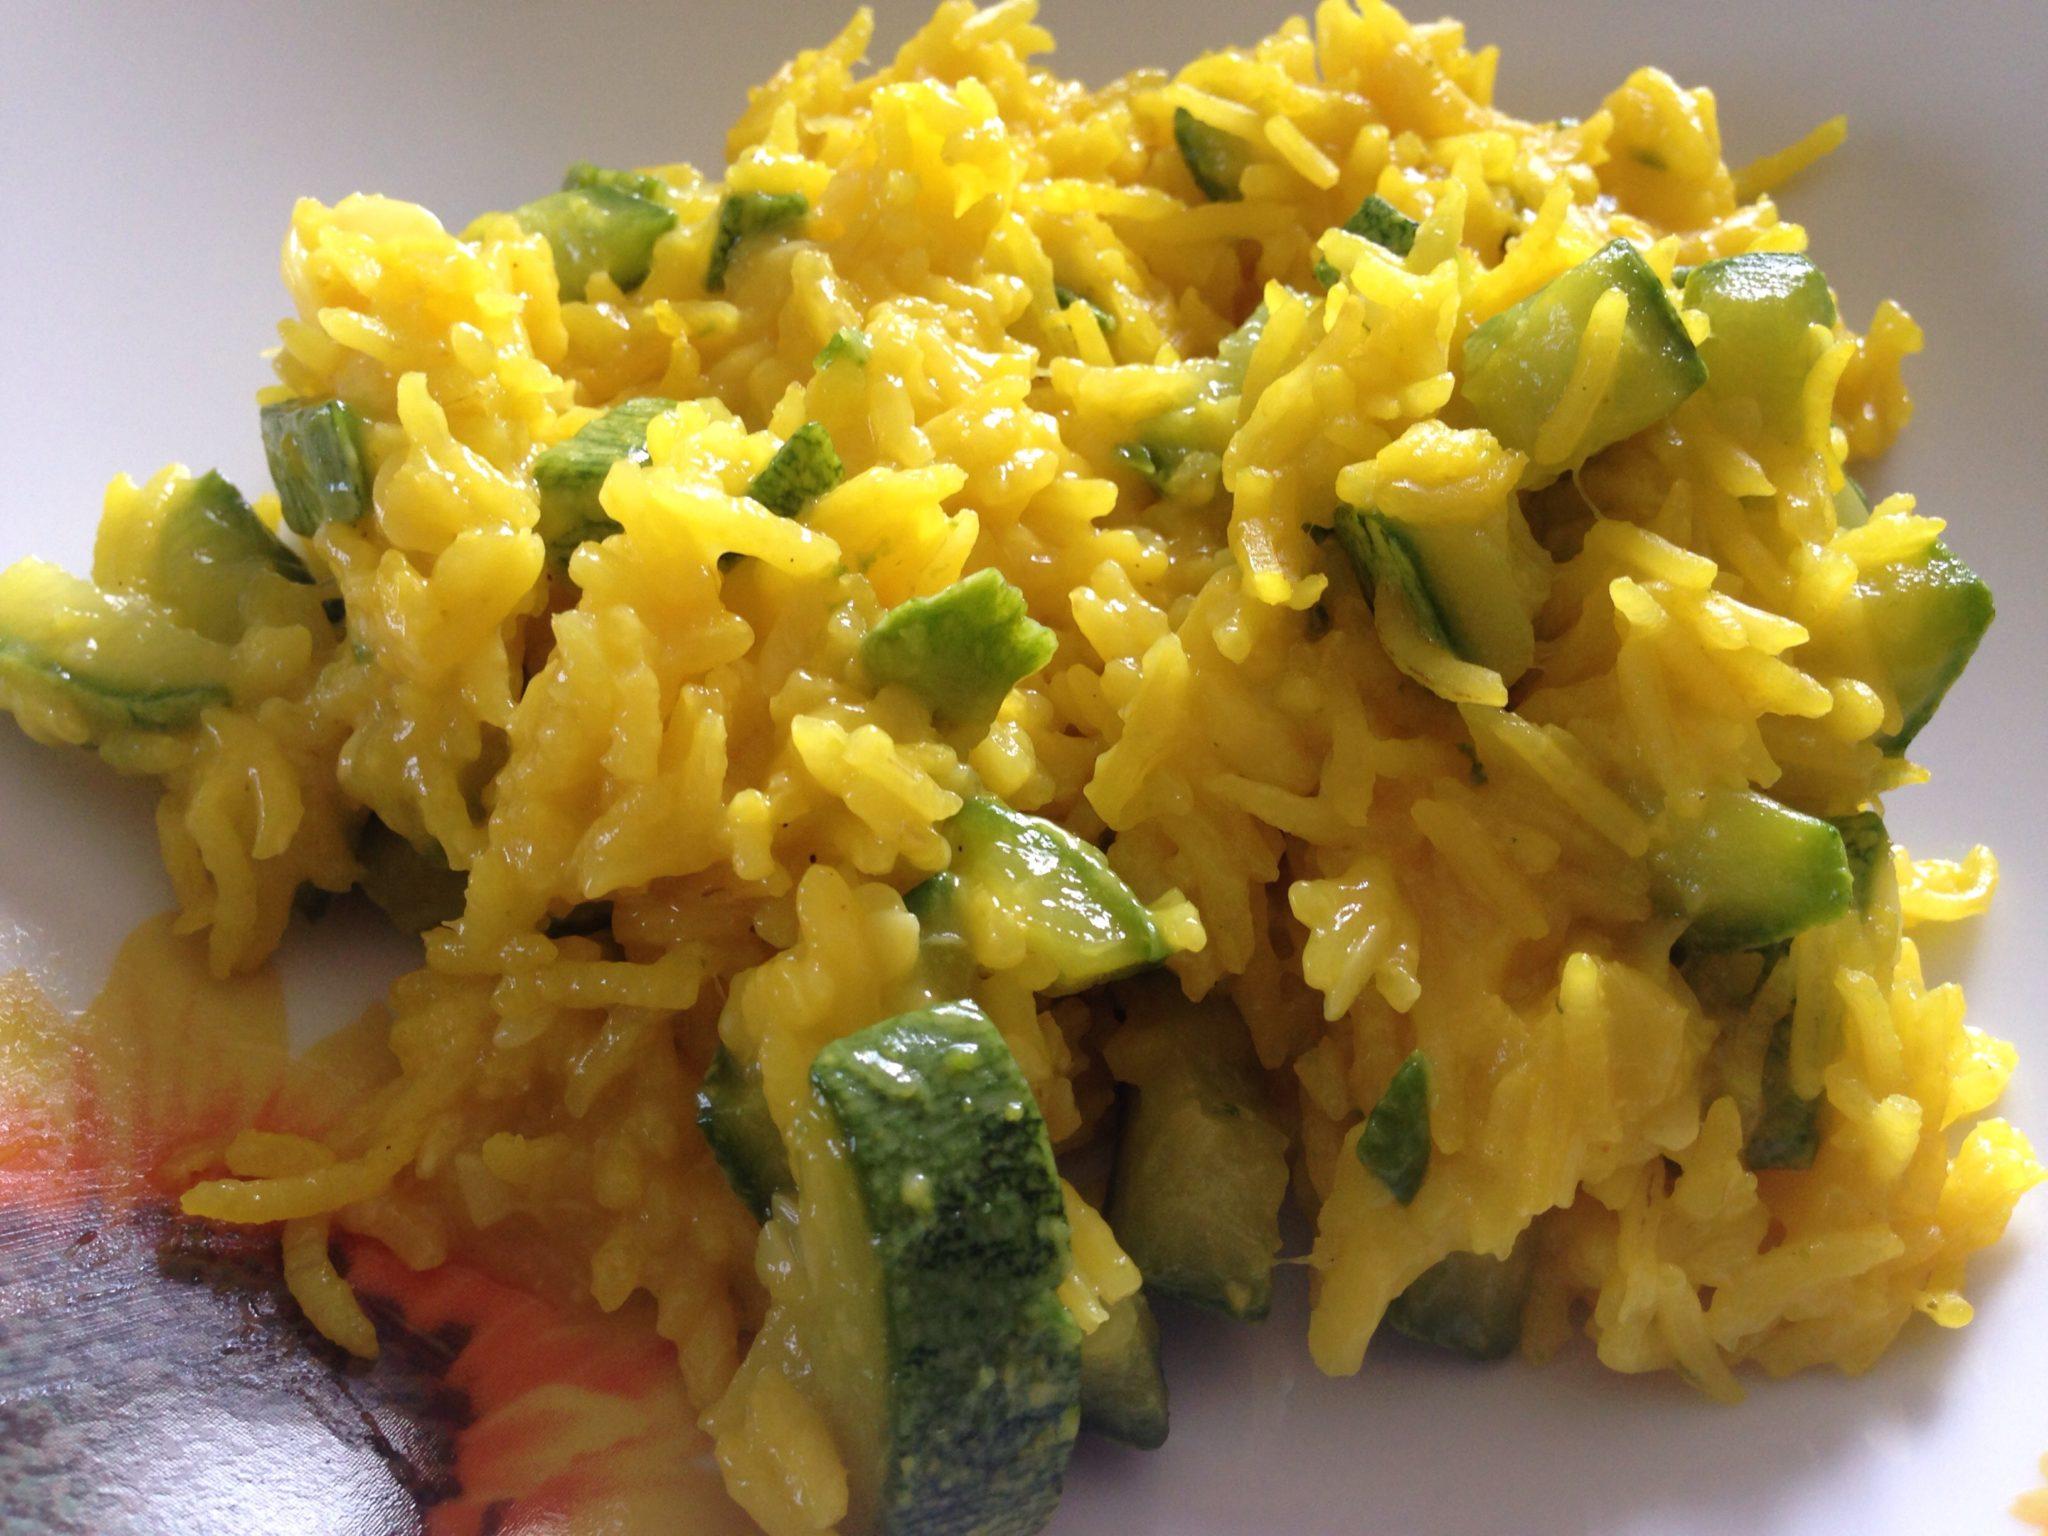 Risotto basmati alle zucchine e zafferano cucinare sano for Cucinare risotto